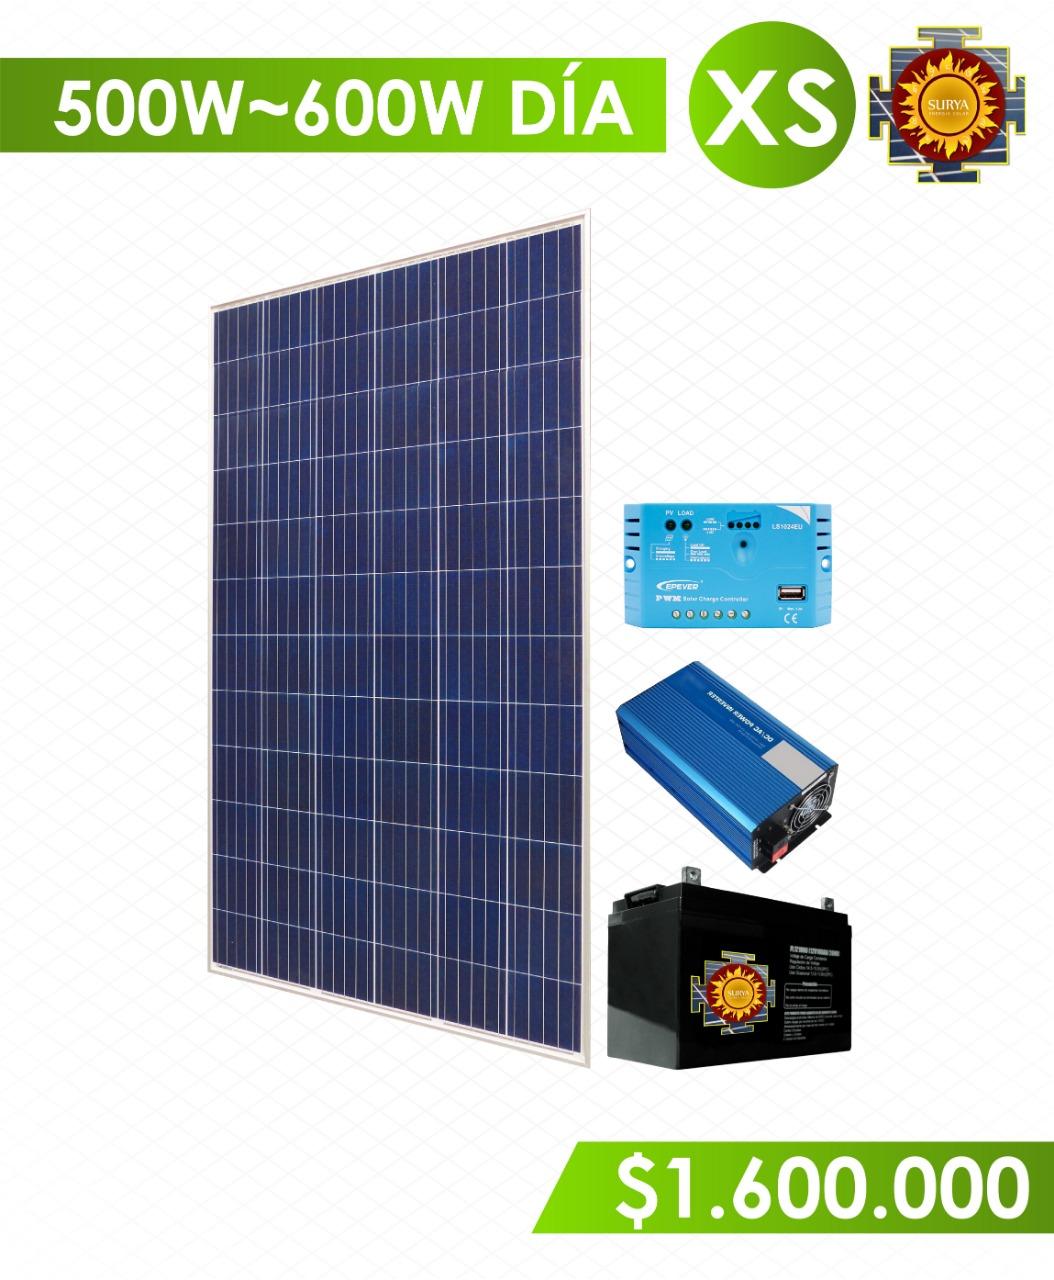 Planta solar autonoma 500w a 600w